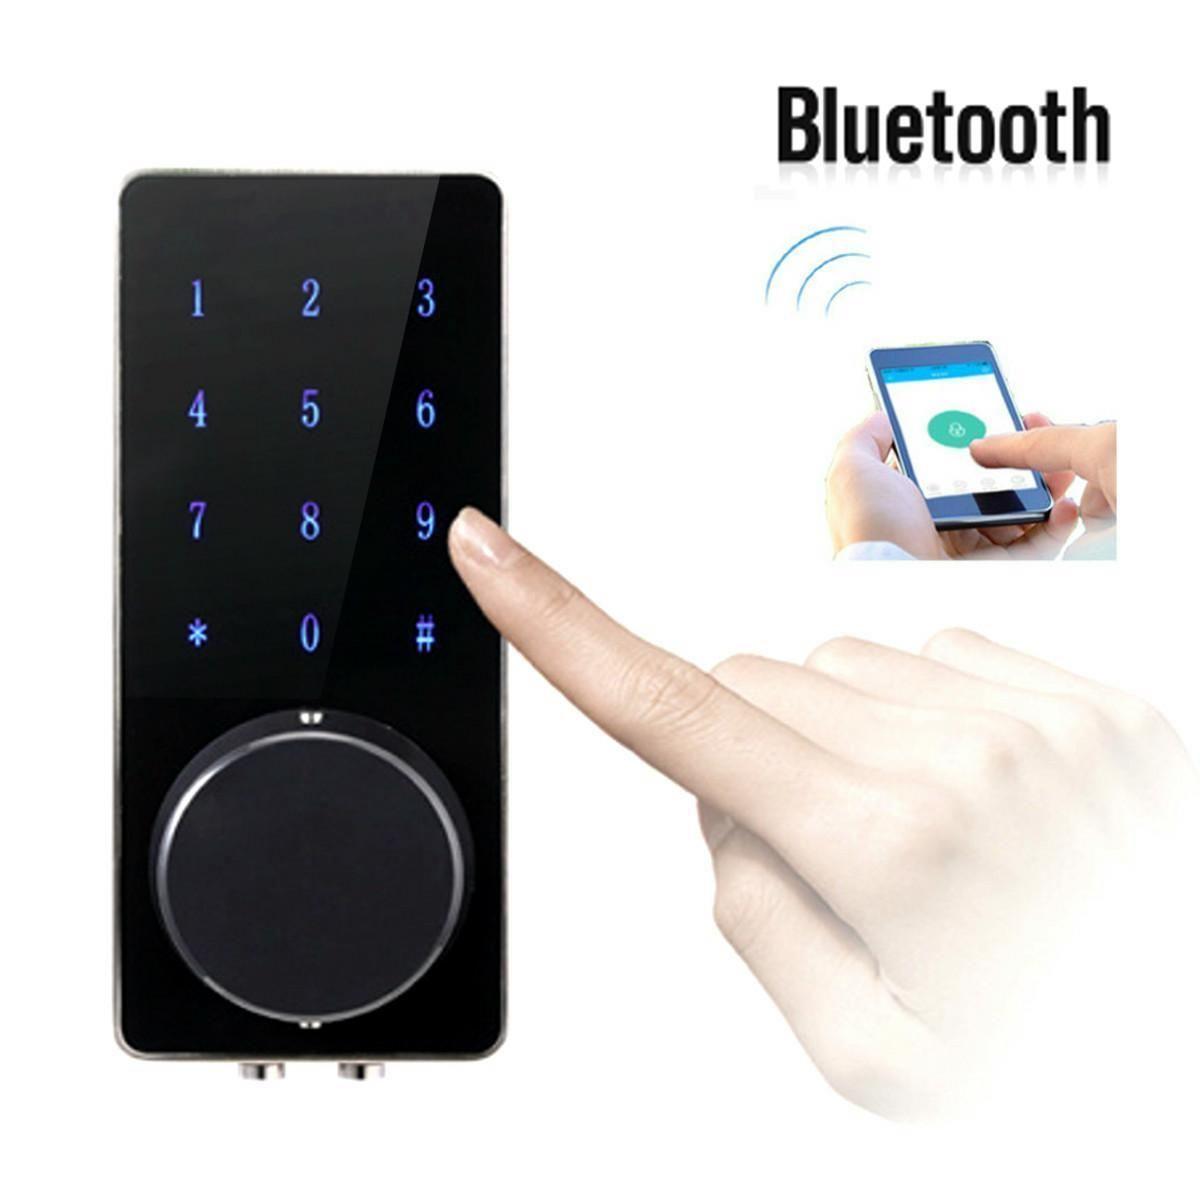 Téléphone intelligent Serrure De Porte Sans Fil Bluetooth Serrure avec Écran Tactile Mot de Passe